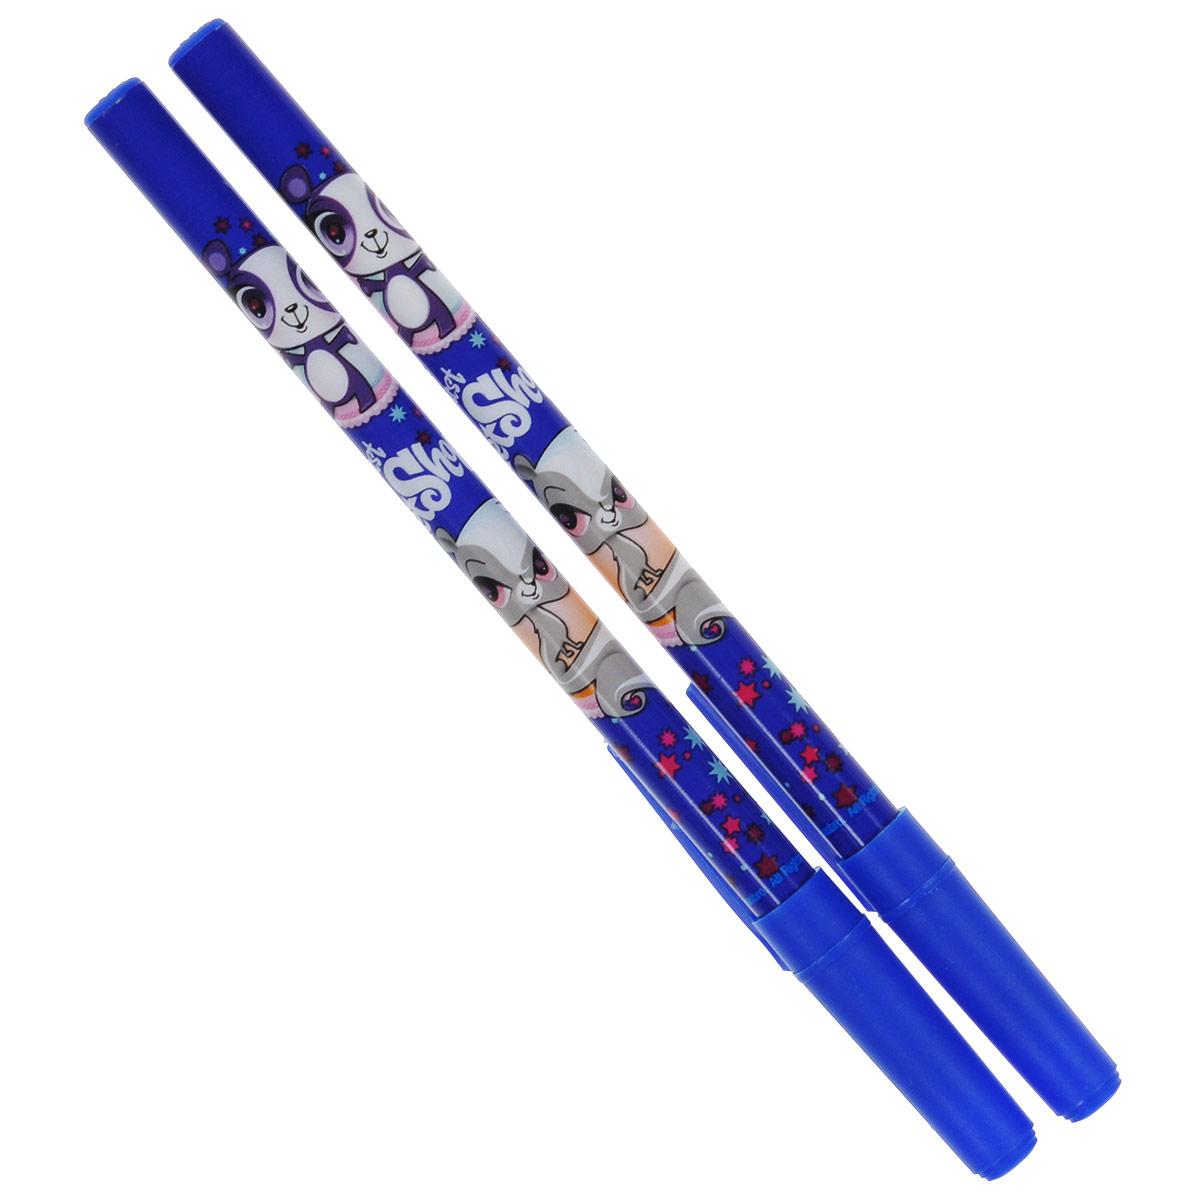 Ручки шариковые, цвет пасты синий, 2 шт. Littlest Pet ShopLPBB-US1-116-H2Ручки шариковые, цвет пасты синий, 2 шт. Littlest Pet Shop